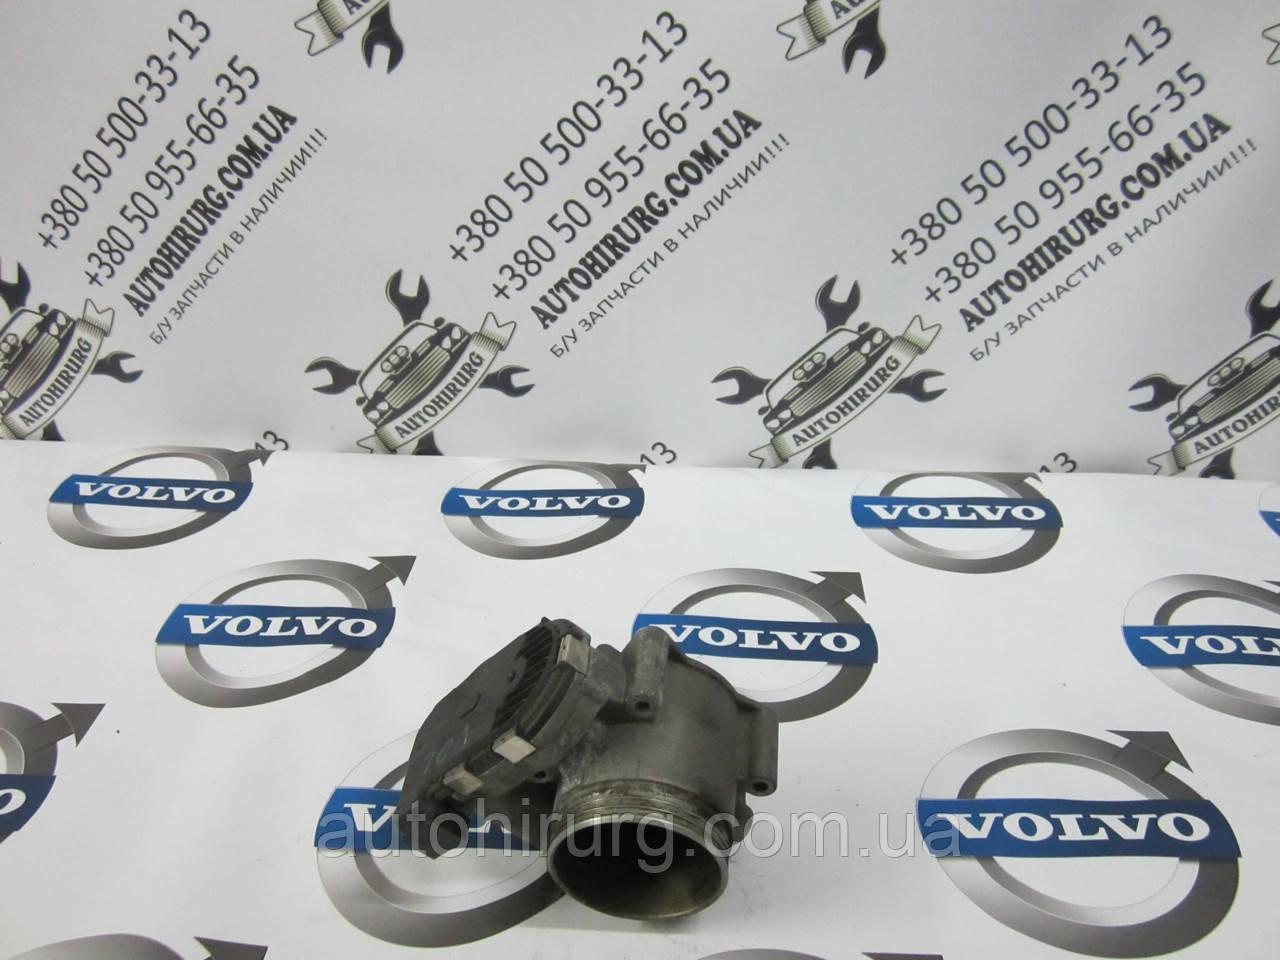 Дроссельная заслонка Volvo xc90 (30711554) б/у купить в Украине, цены на  дроссельные